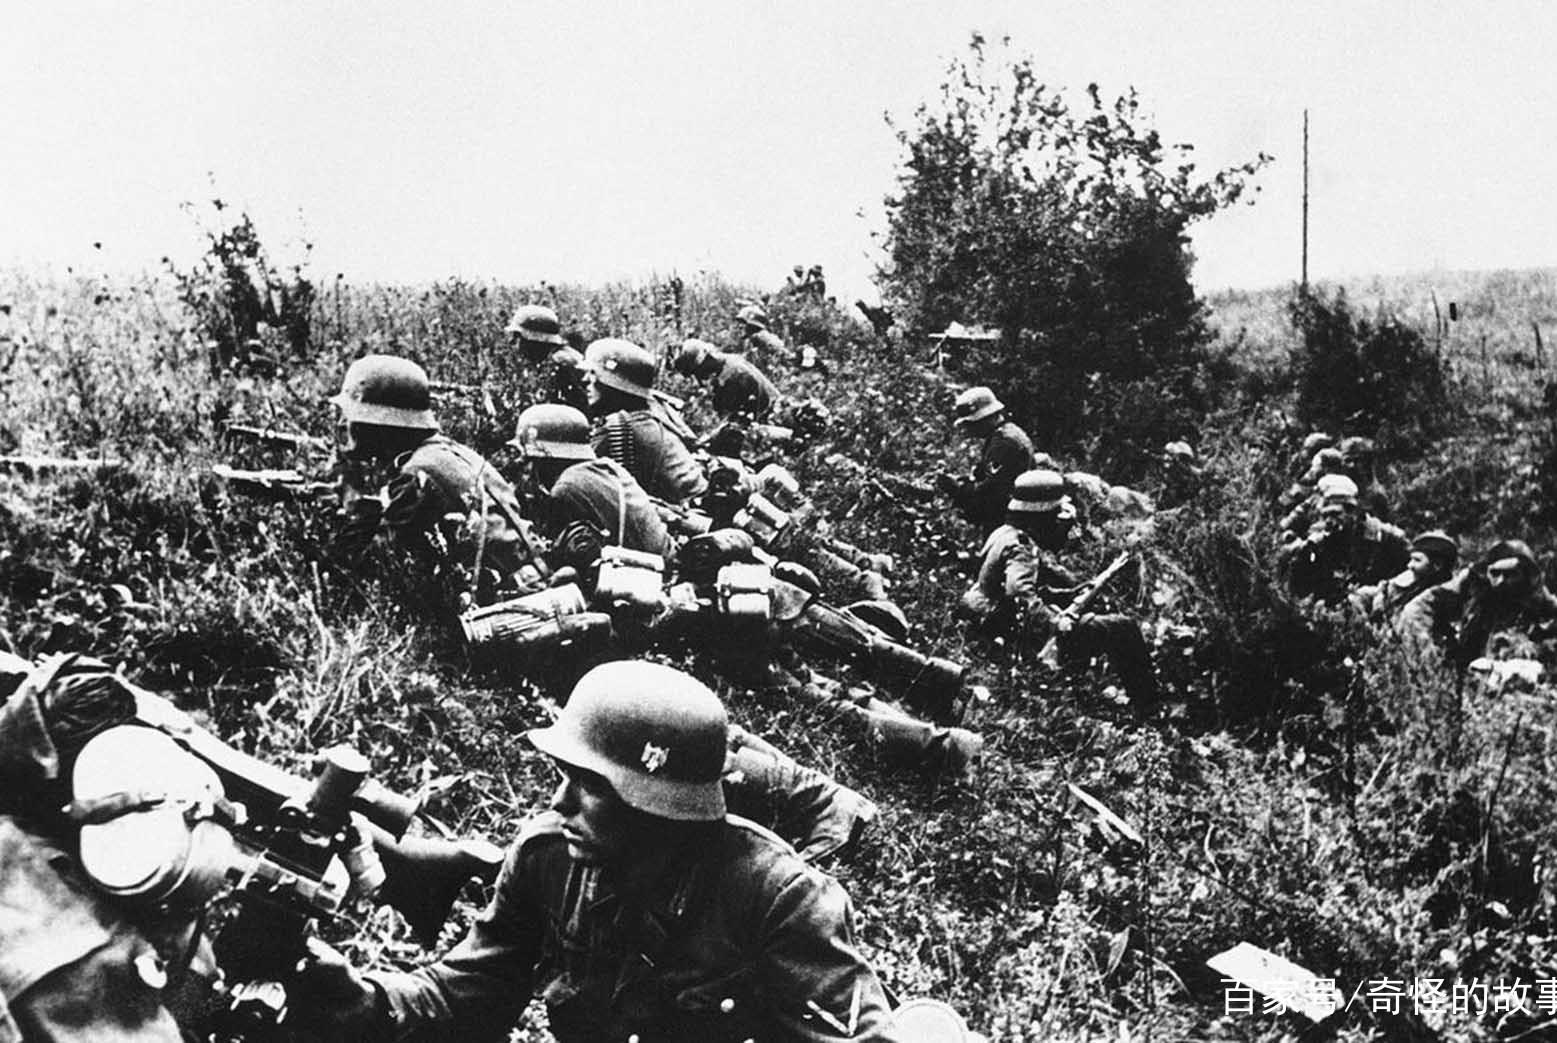 如果1941年美国不加入二战会有什么样的后果?